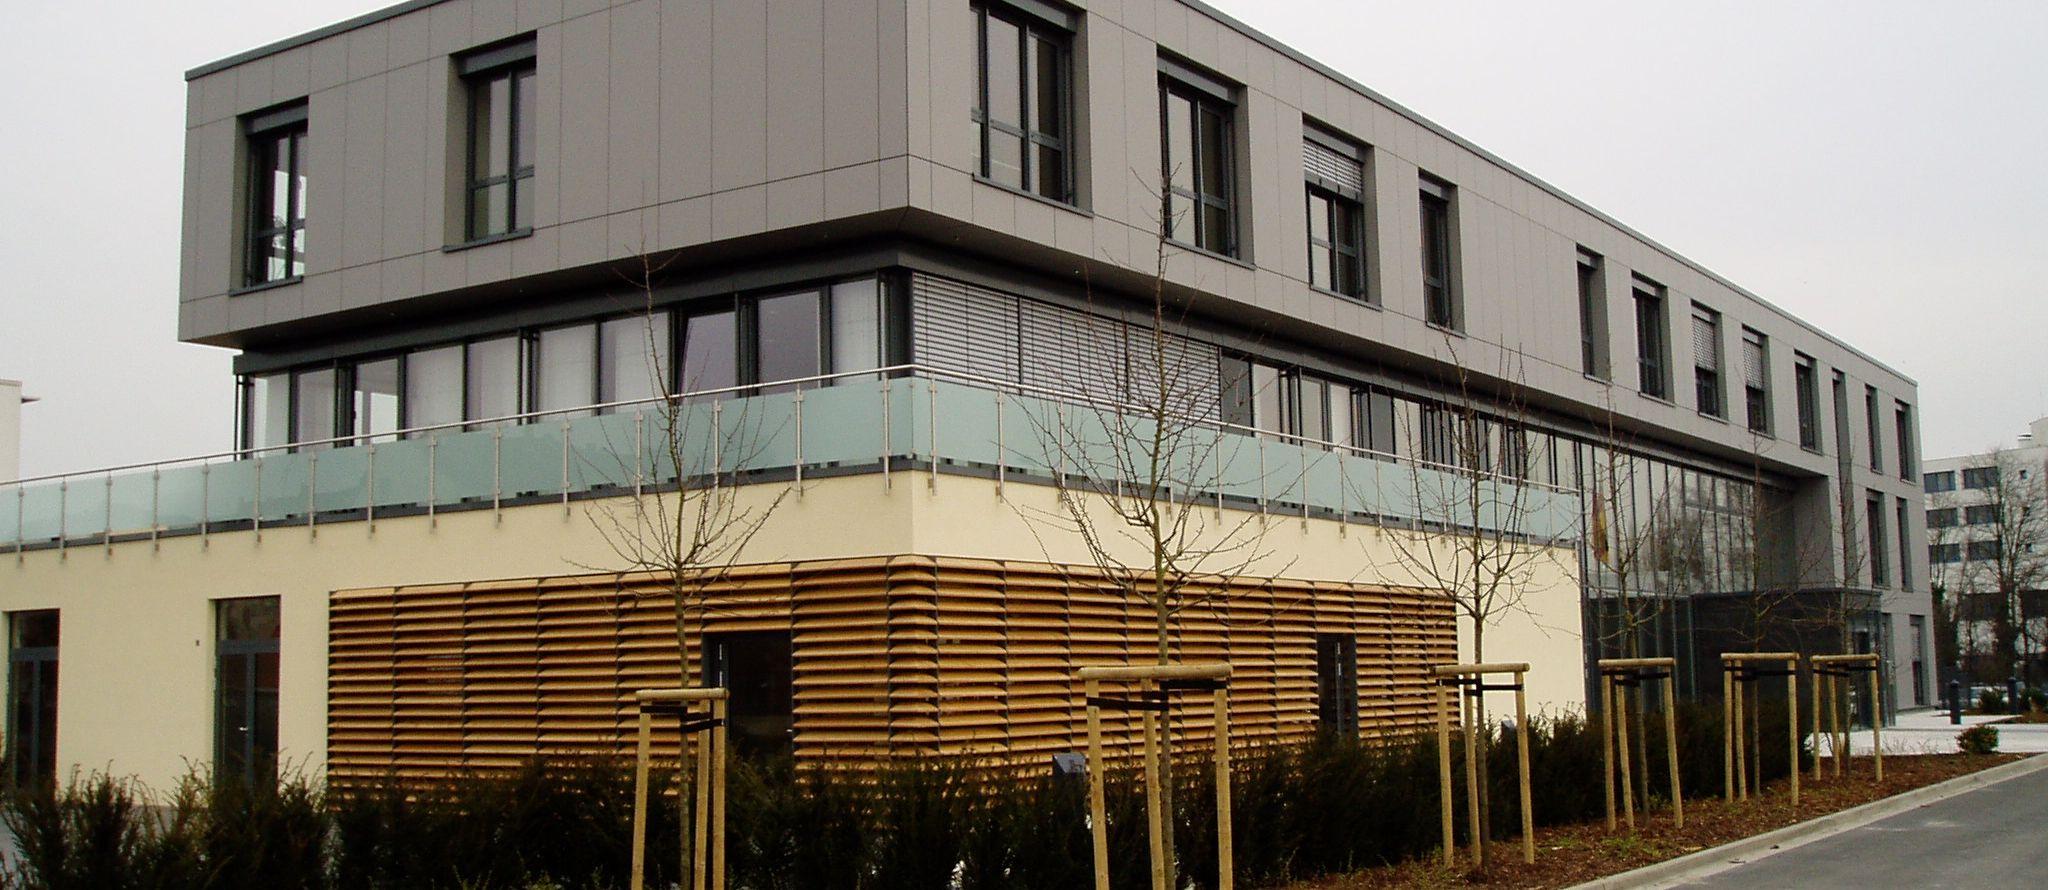 Bürogebäude 3 Staake in Braunschweig